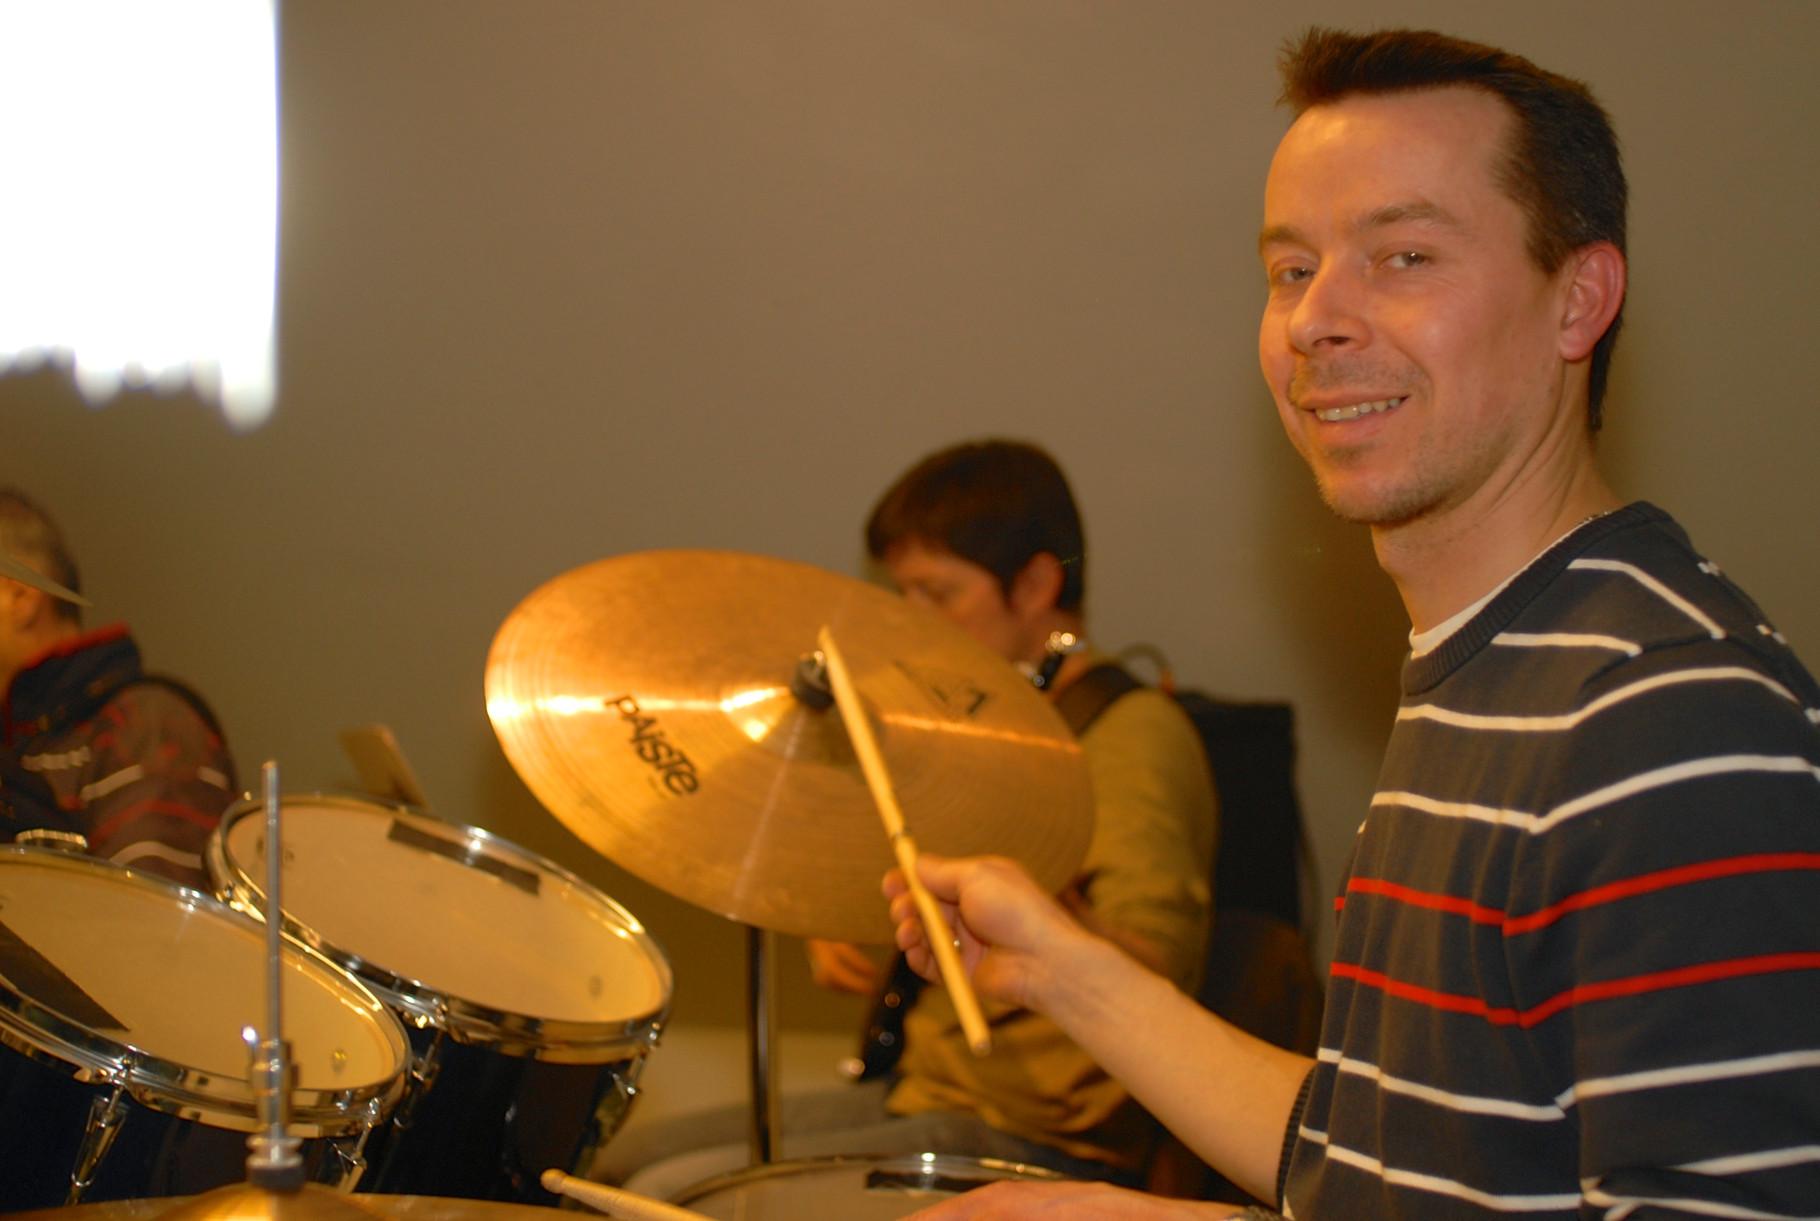 Unser Drummer Michi